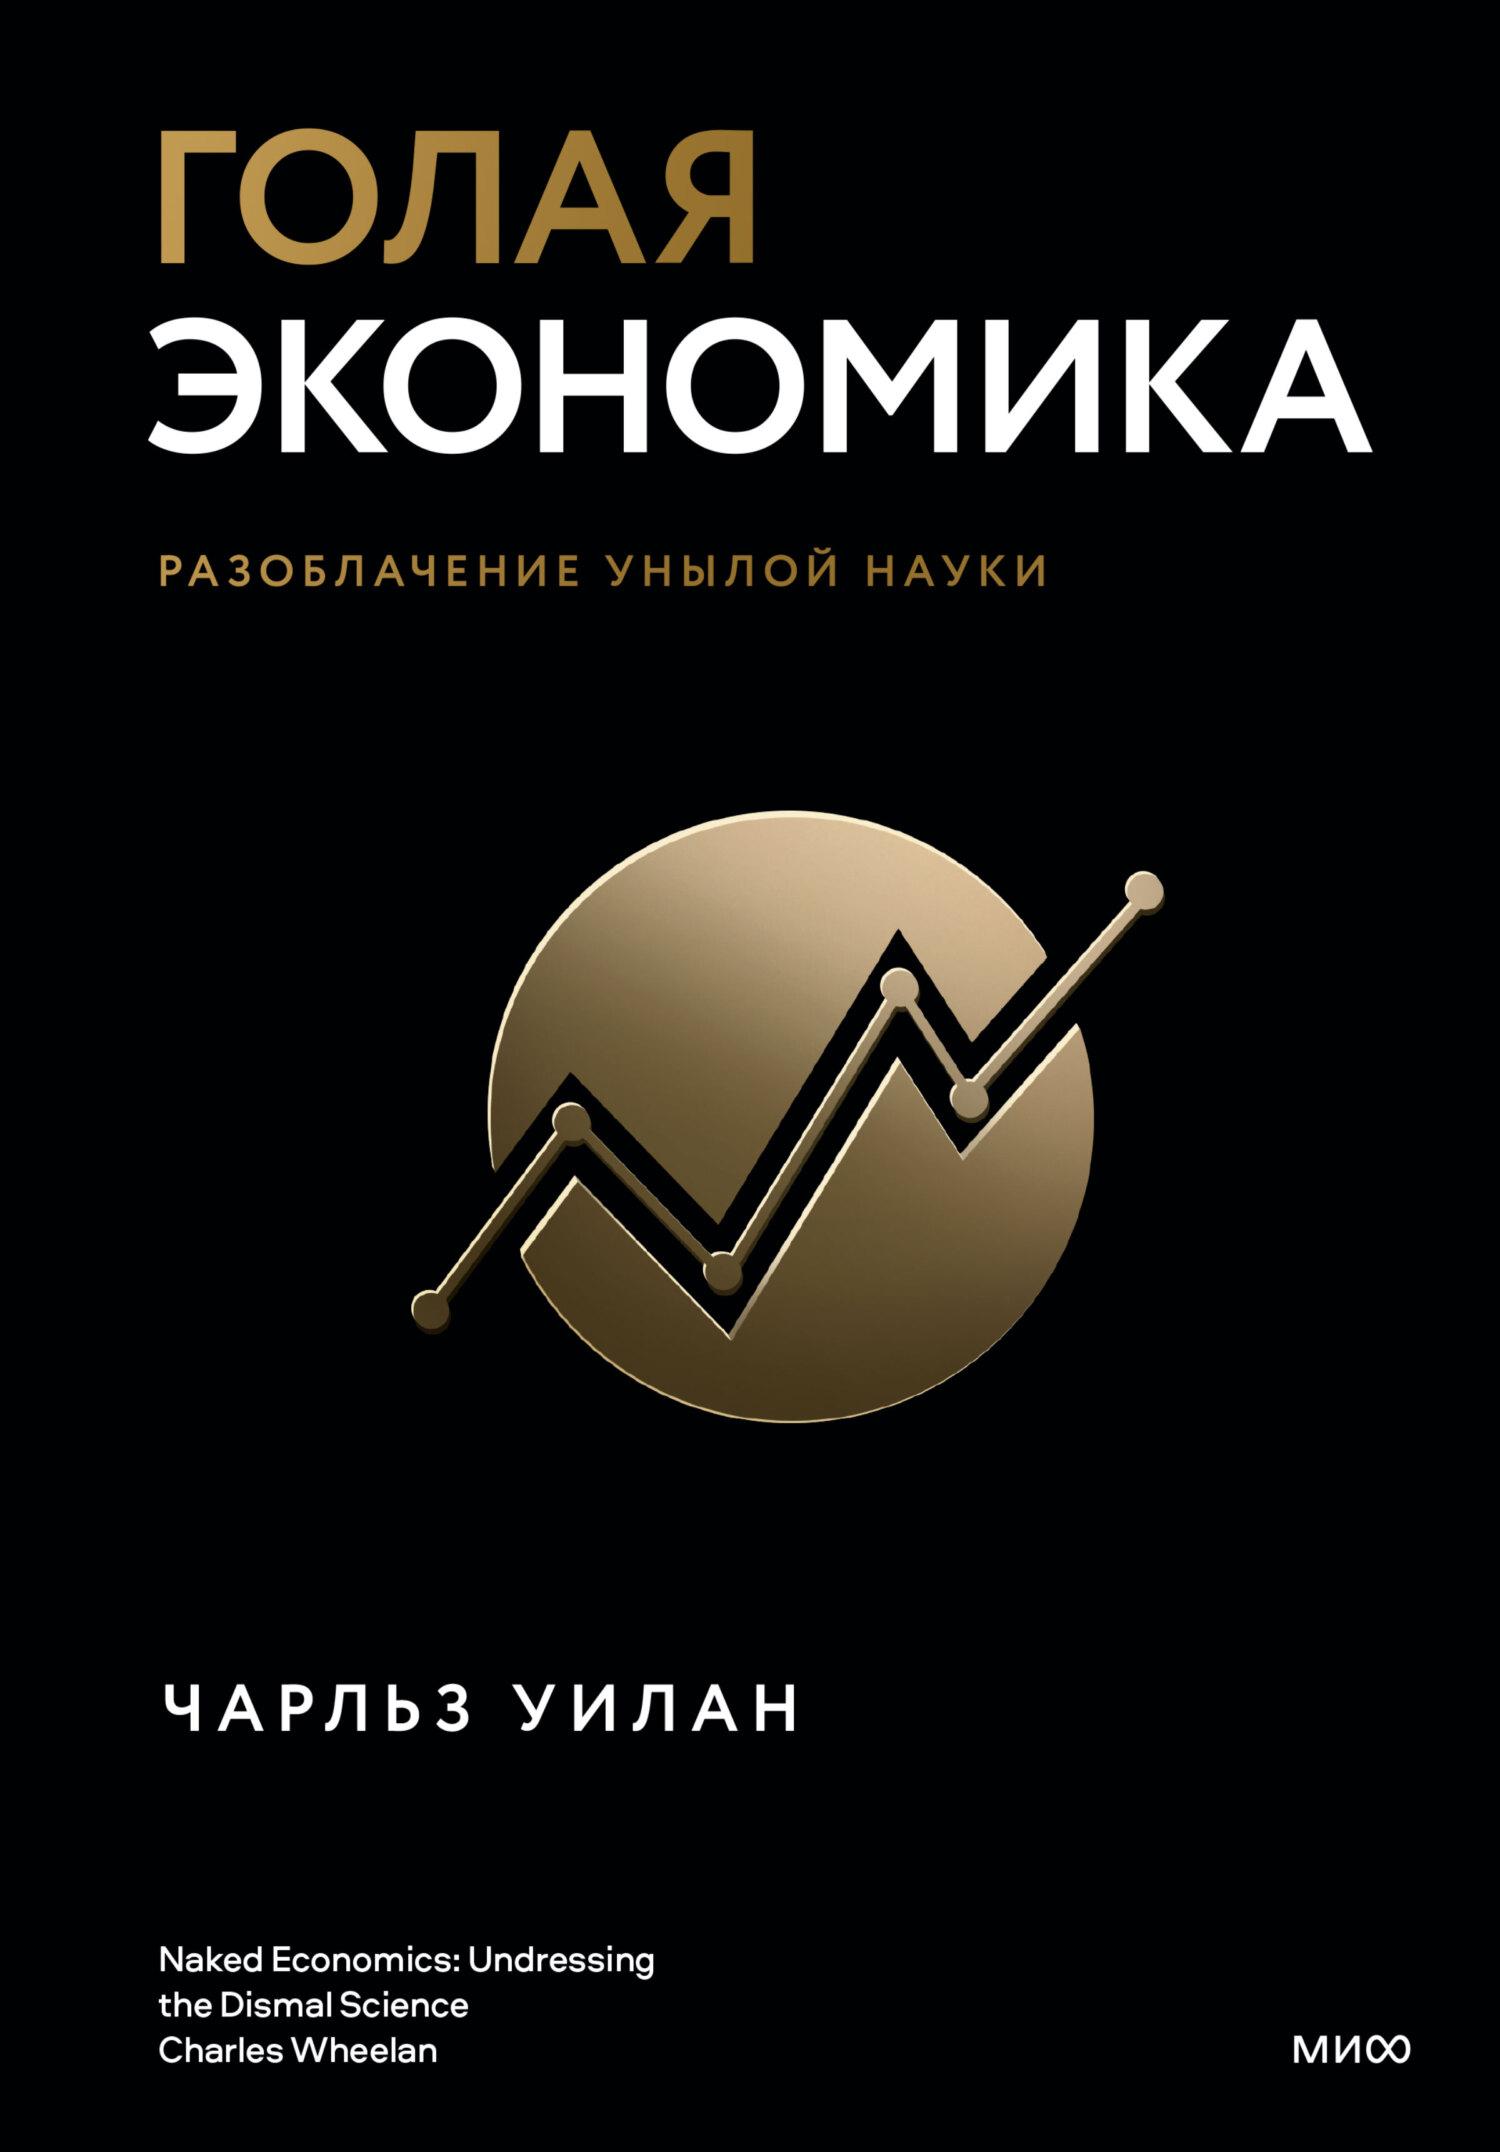 фото обложки издания Голая экономика. Разоблачение унылой науки